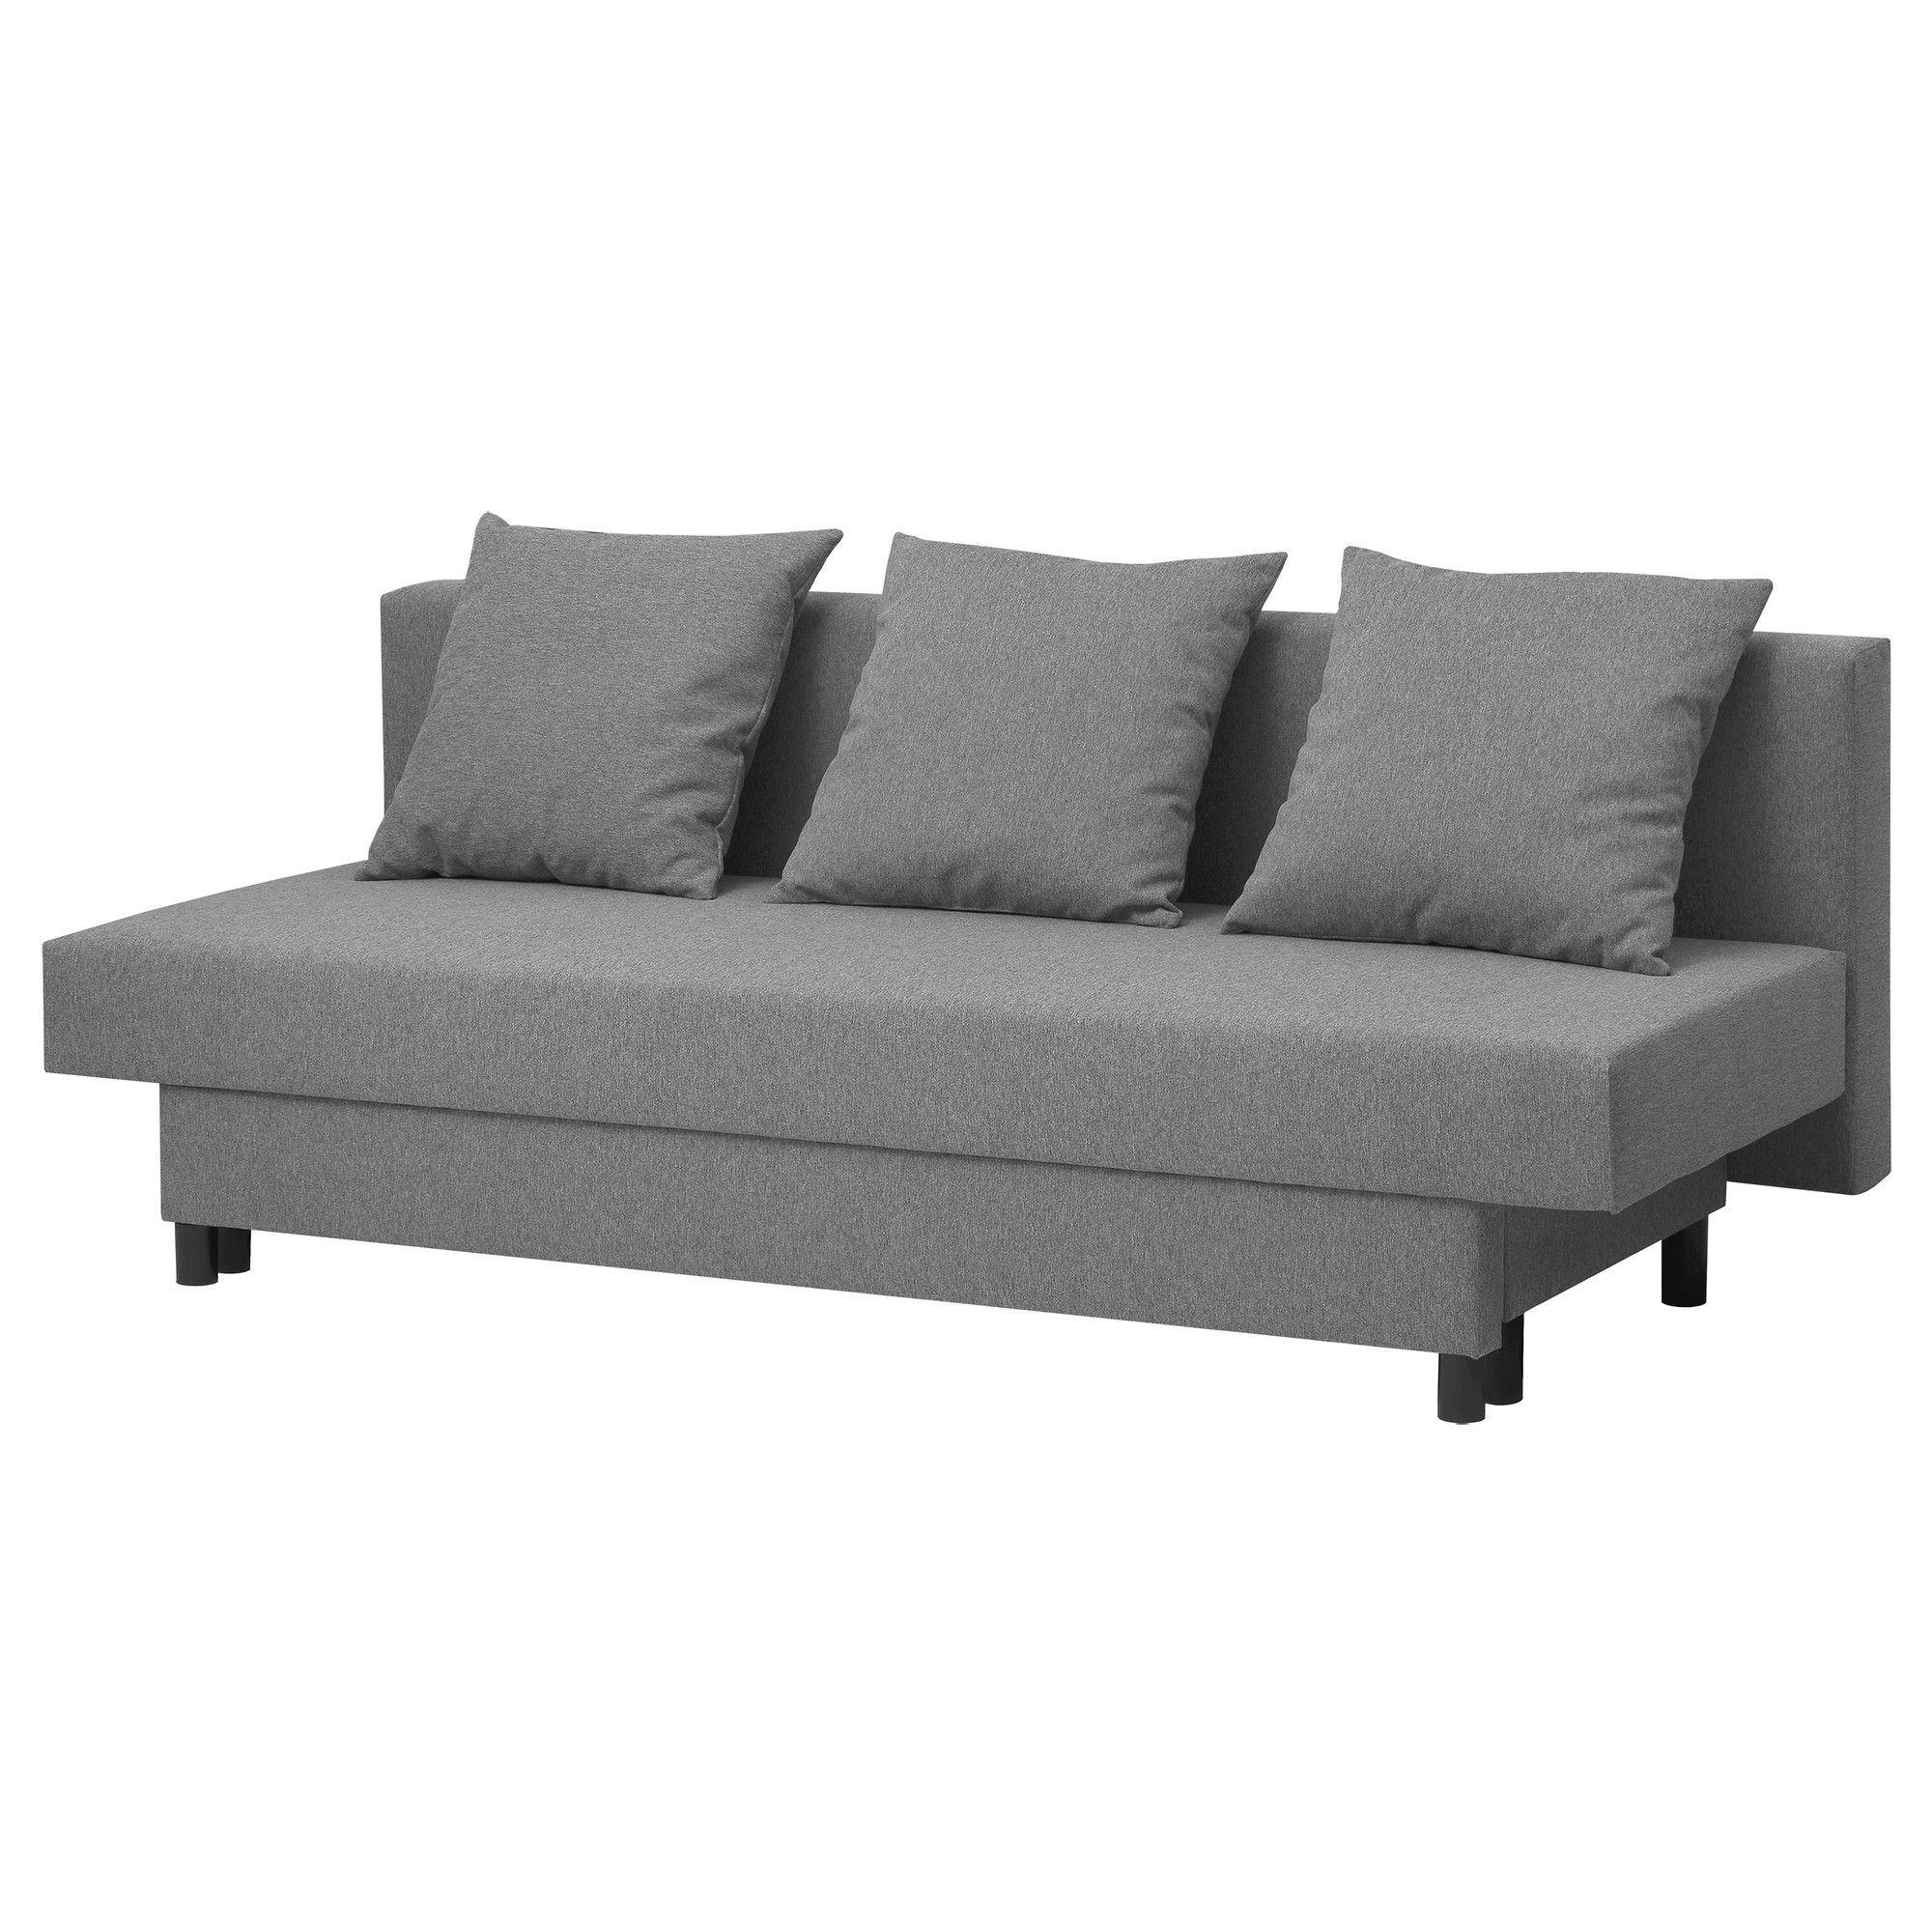 Ikea schlafcouch friheten  ASARUM Divano letto a 3 posti, grigio | Stockholm